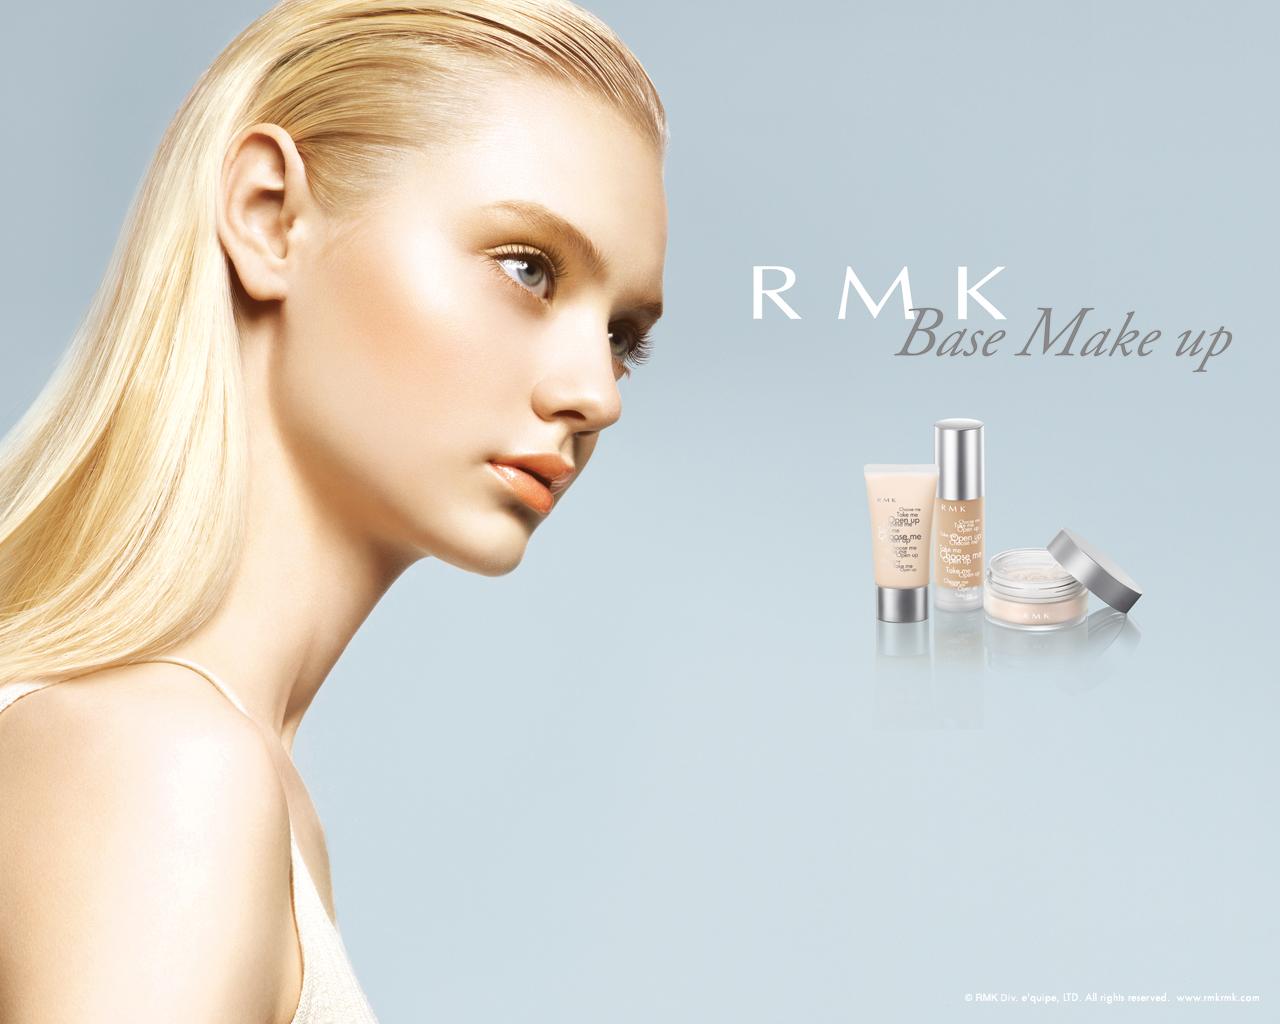 透明感あふれる肌づくりが完成!RMKのベースメイクをご紹介!のサムネイル画像